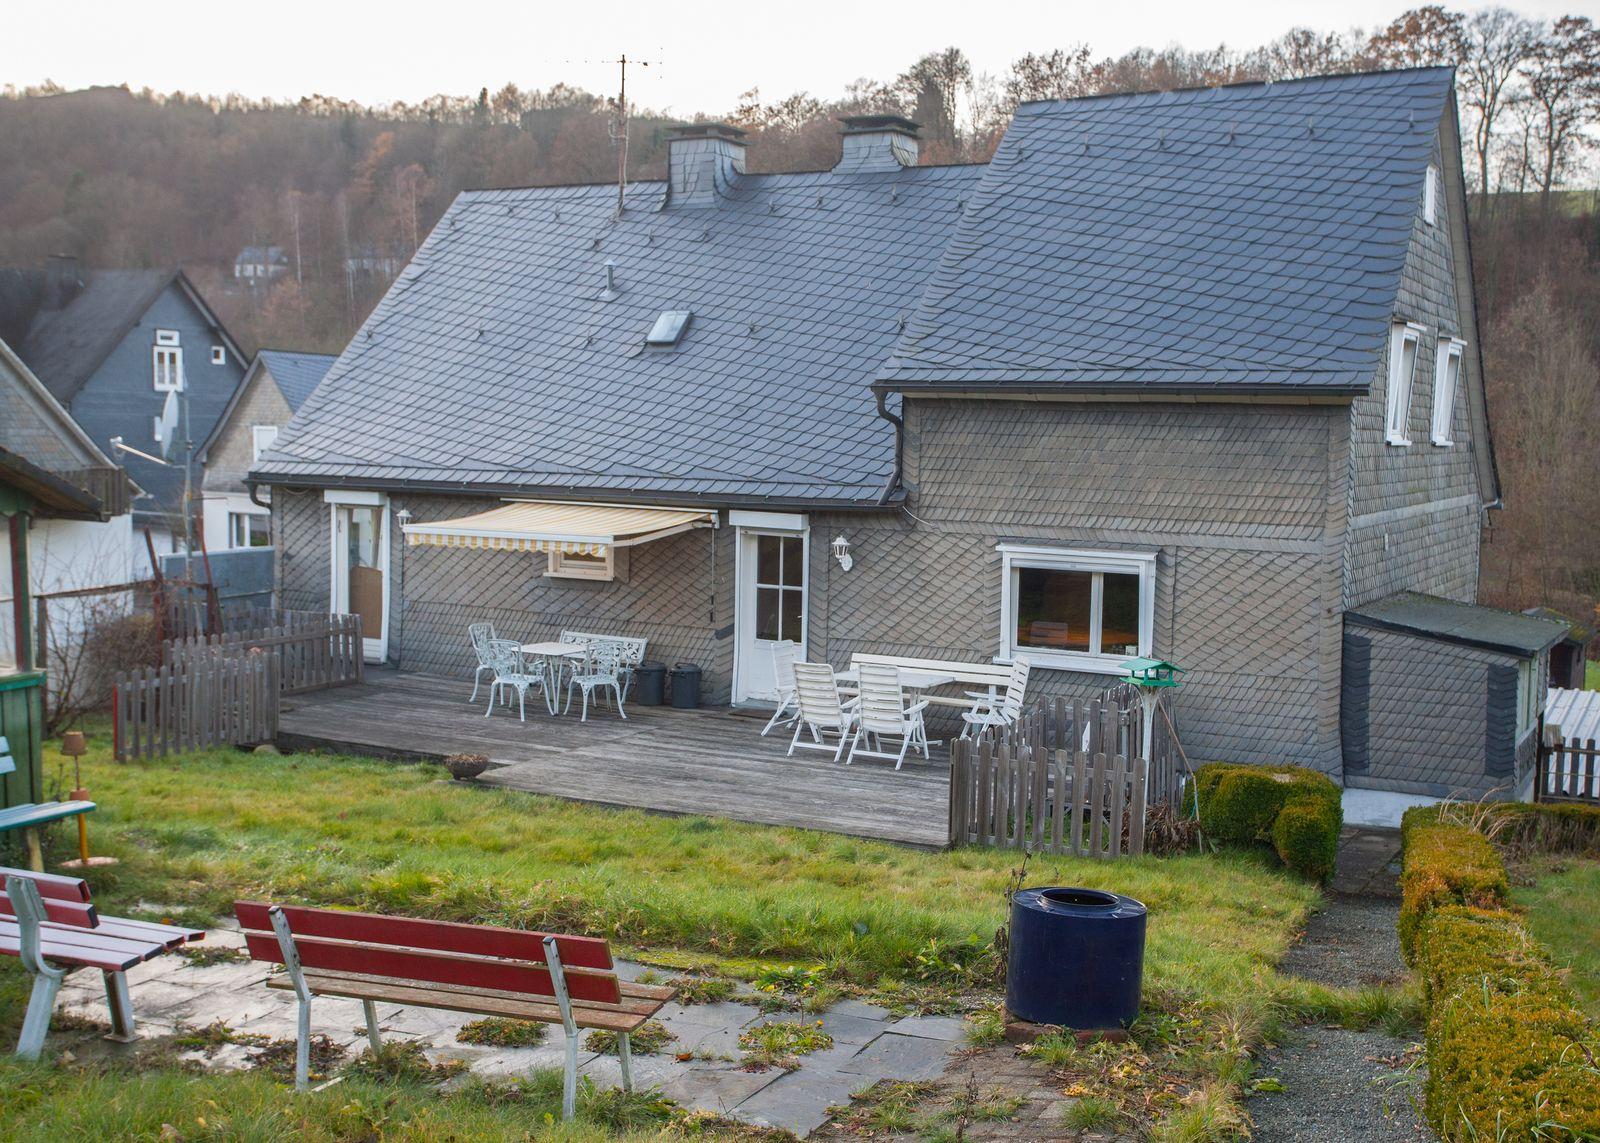 Bild von Ferienhaus - Brilonerstrasse 26-C